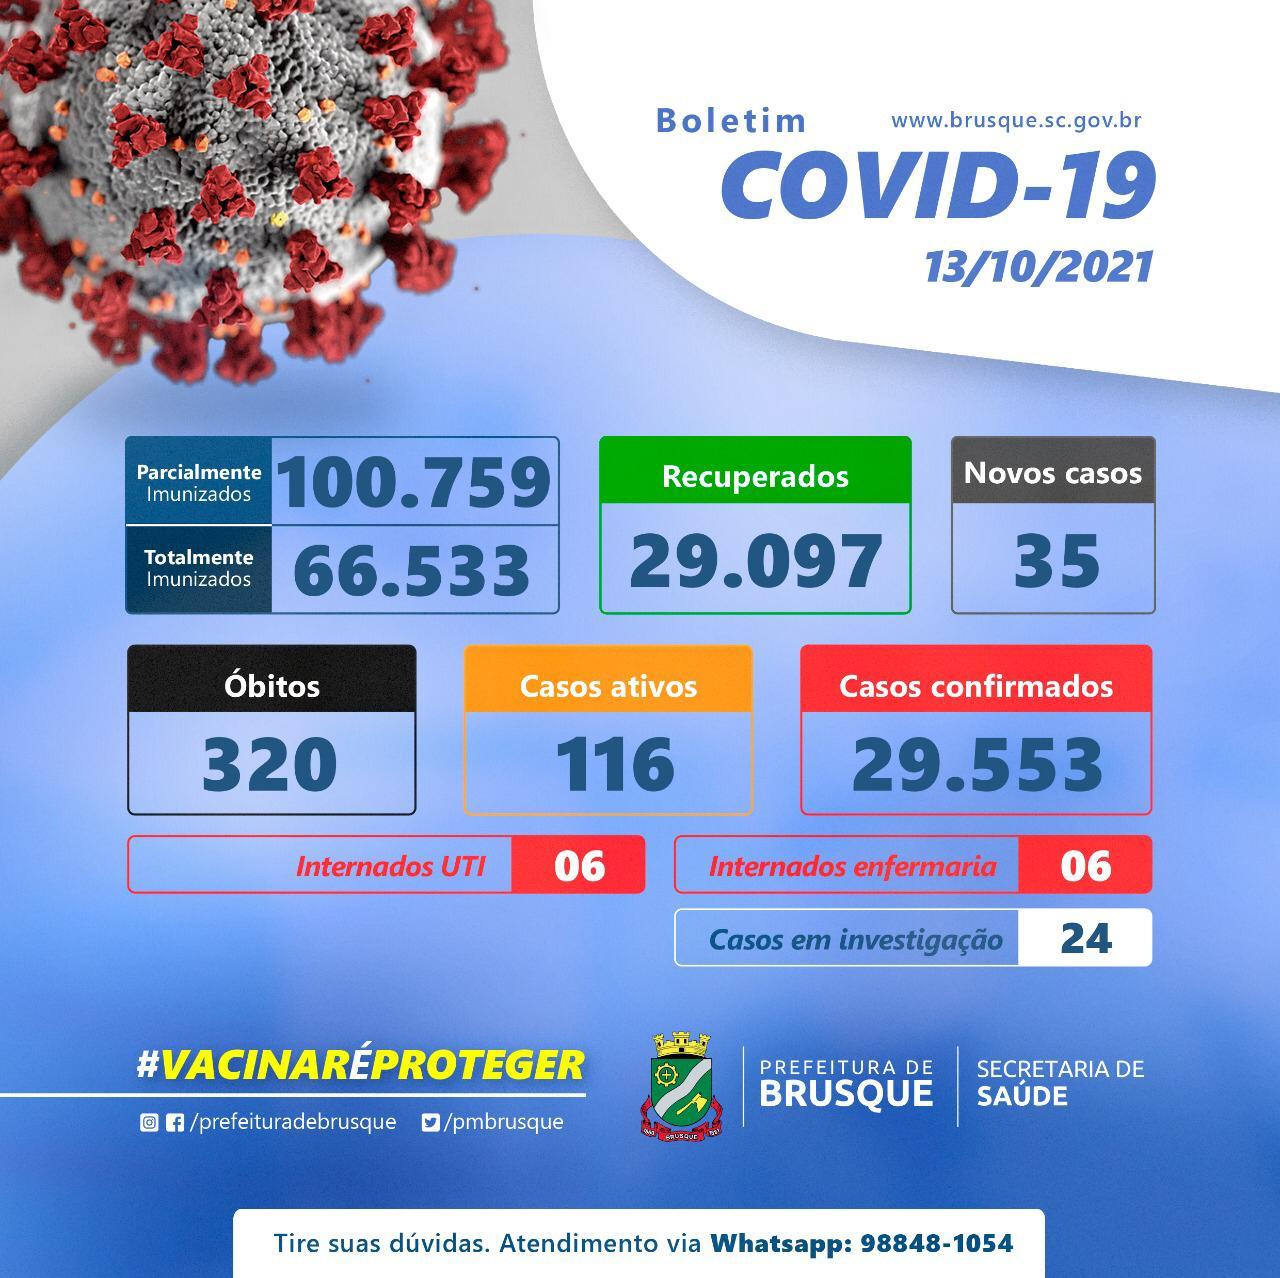 Covid-19: Atualizados os números da Covid-19, em Brusque